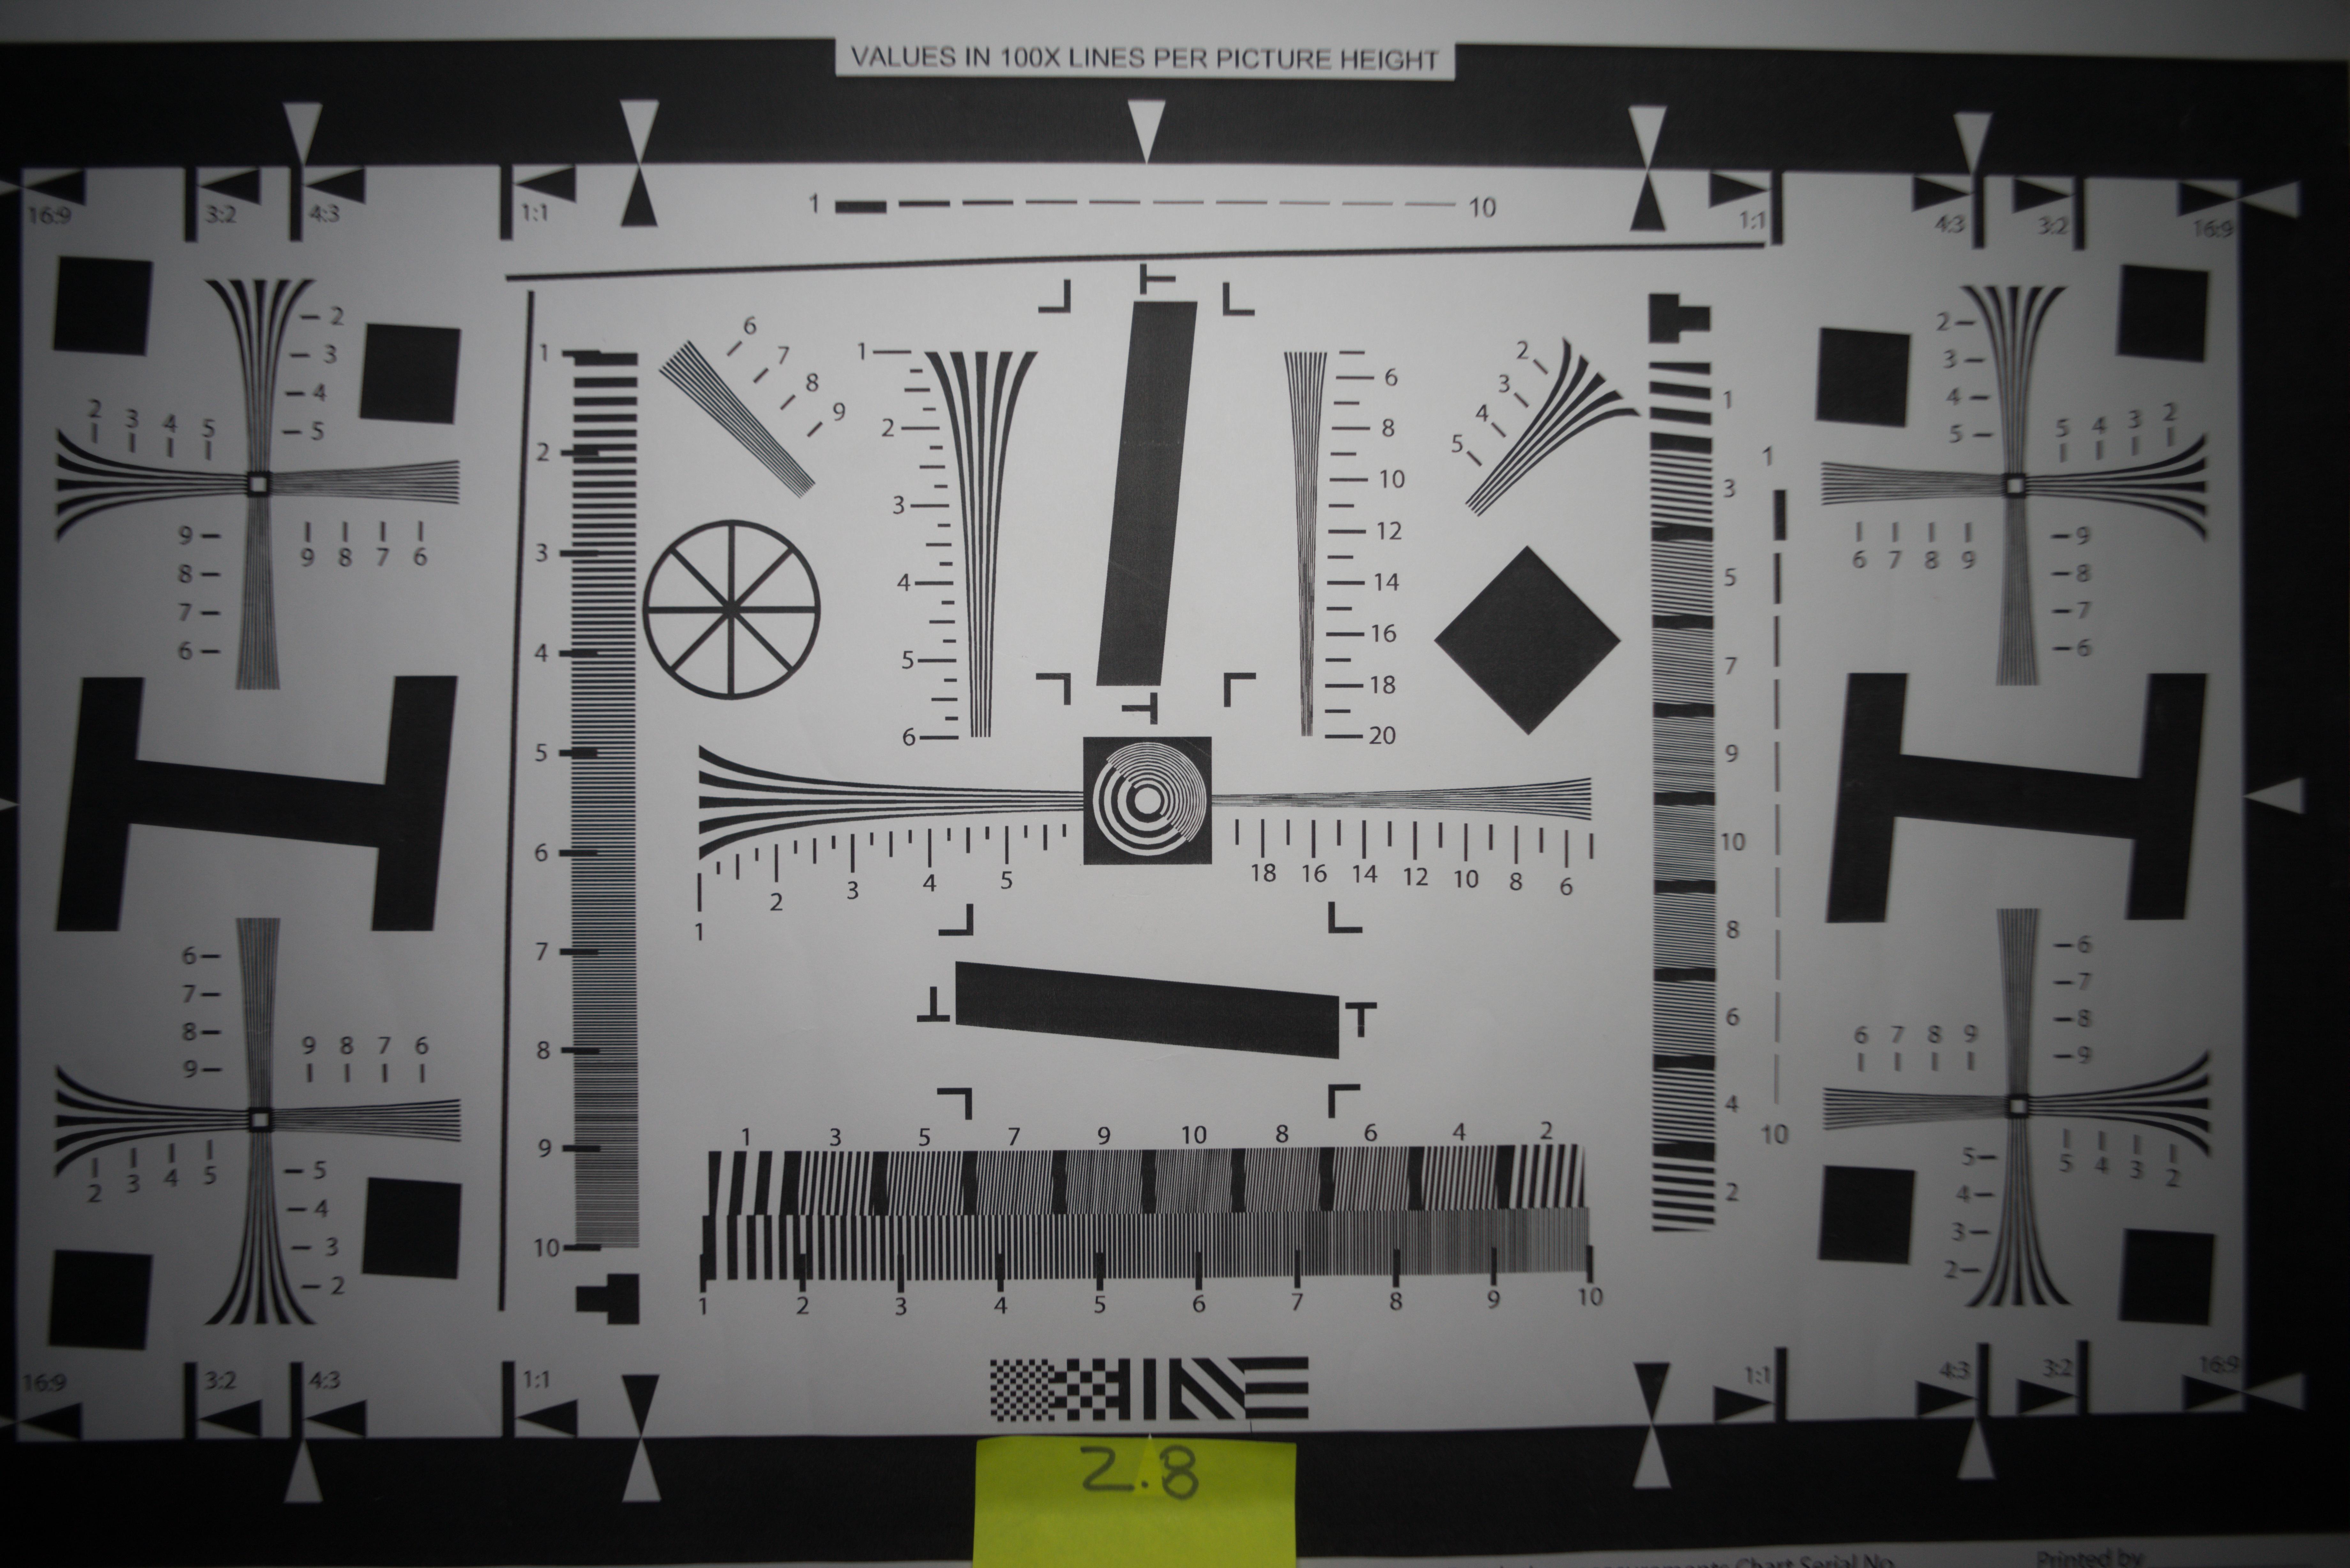 Carl Zeiss Jena P 1:2 8 f=28mm MC   ILCE-7R+LEGACY